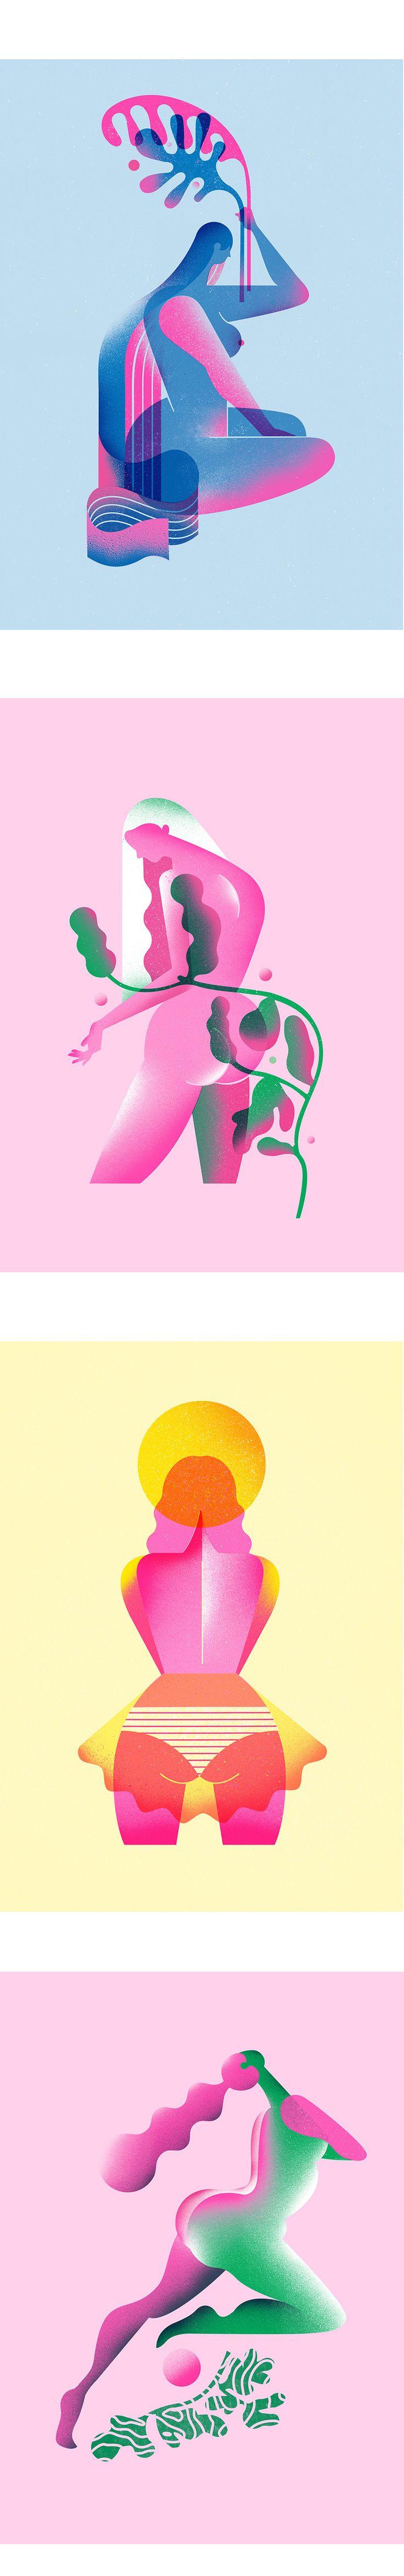 Flutuantes | Instagram, Pinterest & Twitter: @TrustVital